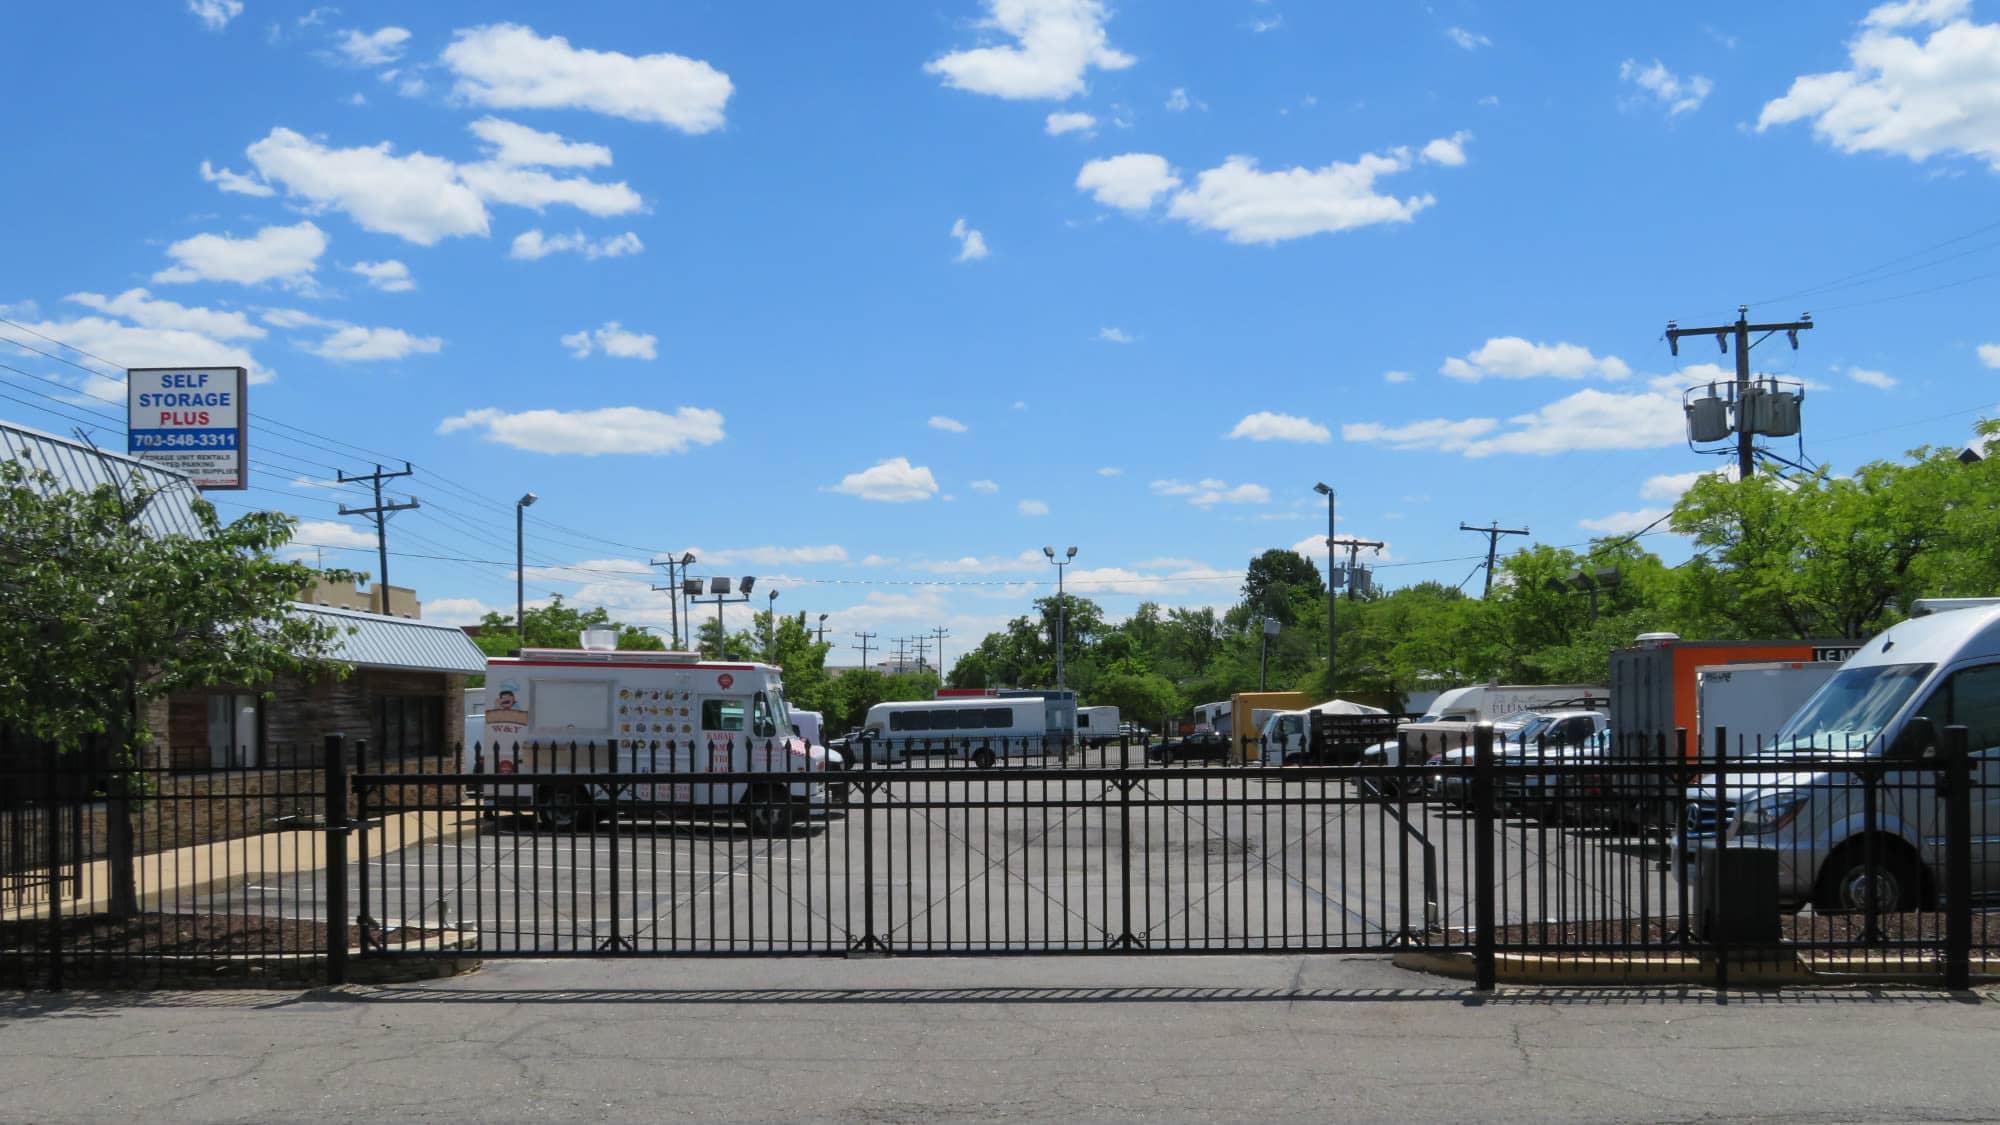 Gate at Self Storage Plus in Alexandria, VA